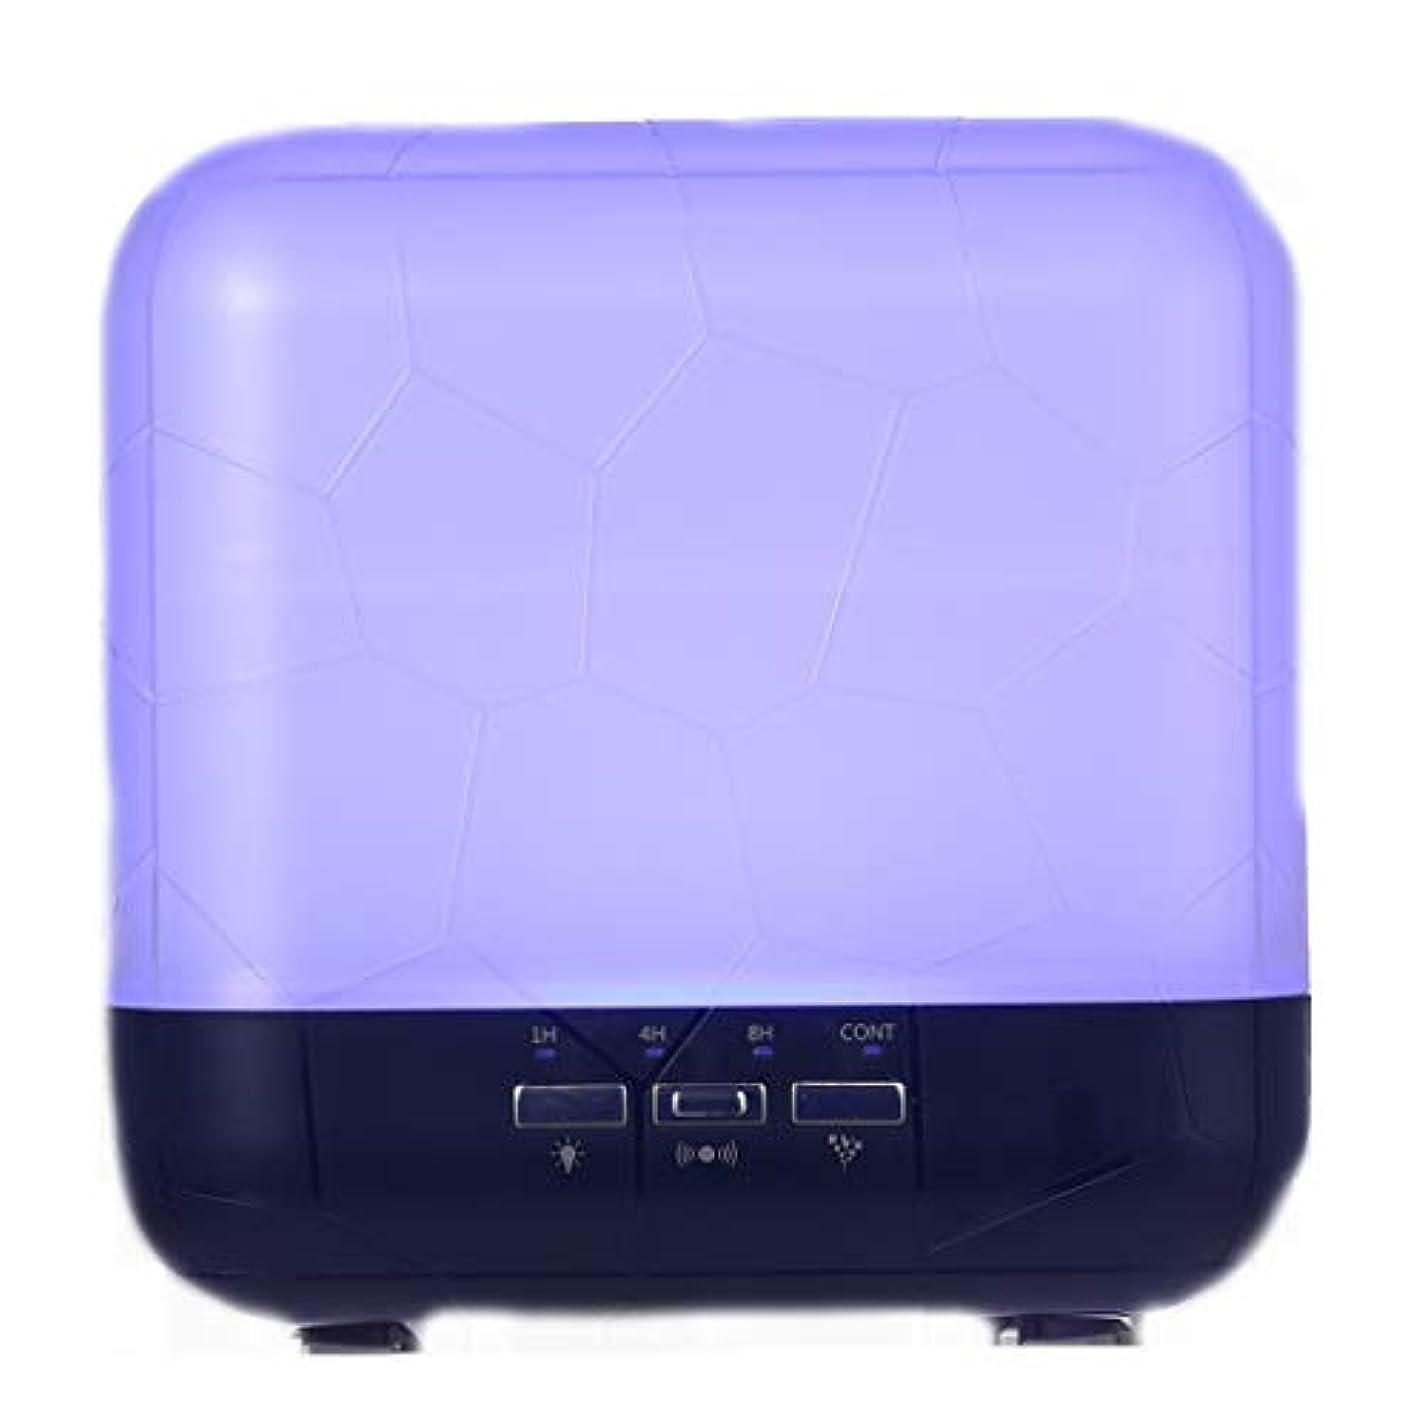 チャーミングフォーマル累計拡散器、調節可能なミストモード、寝室/オフィス/旅行のためのアロマセラピー機械を離れた自動のHomeweeks 1000ml多彩な精油の拡散器 (Color : Purple)